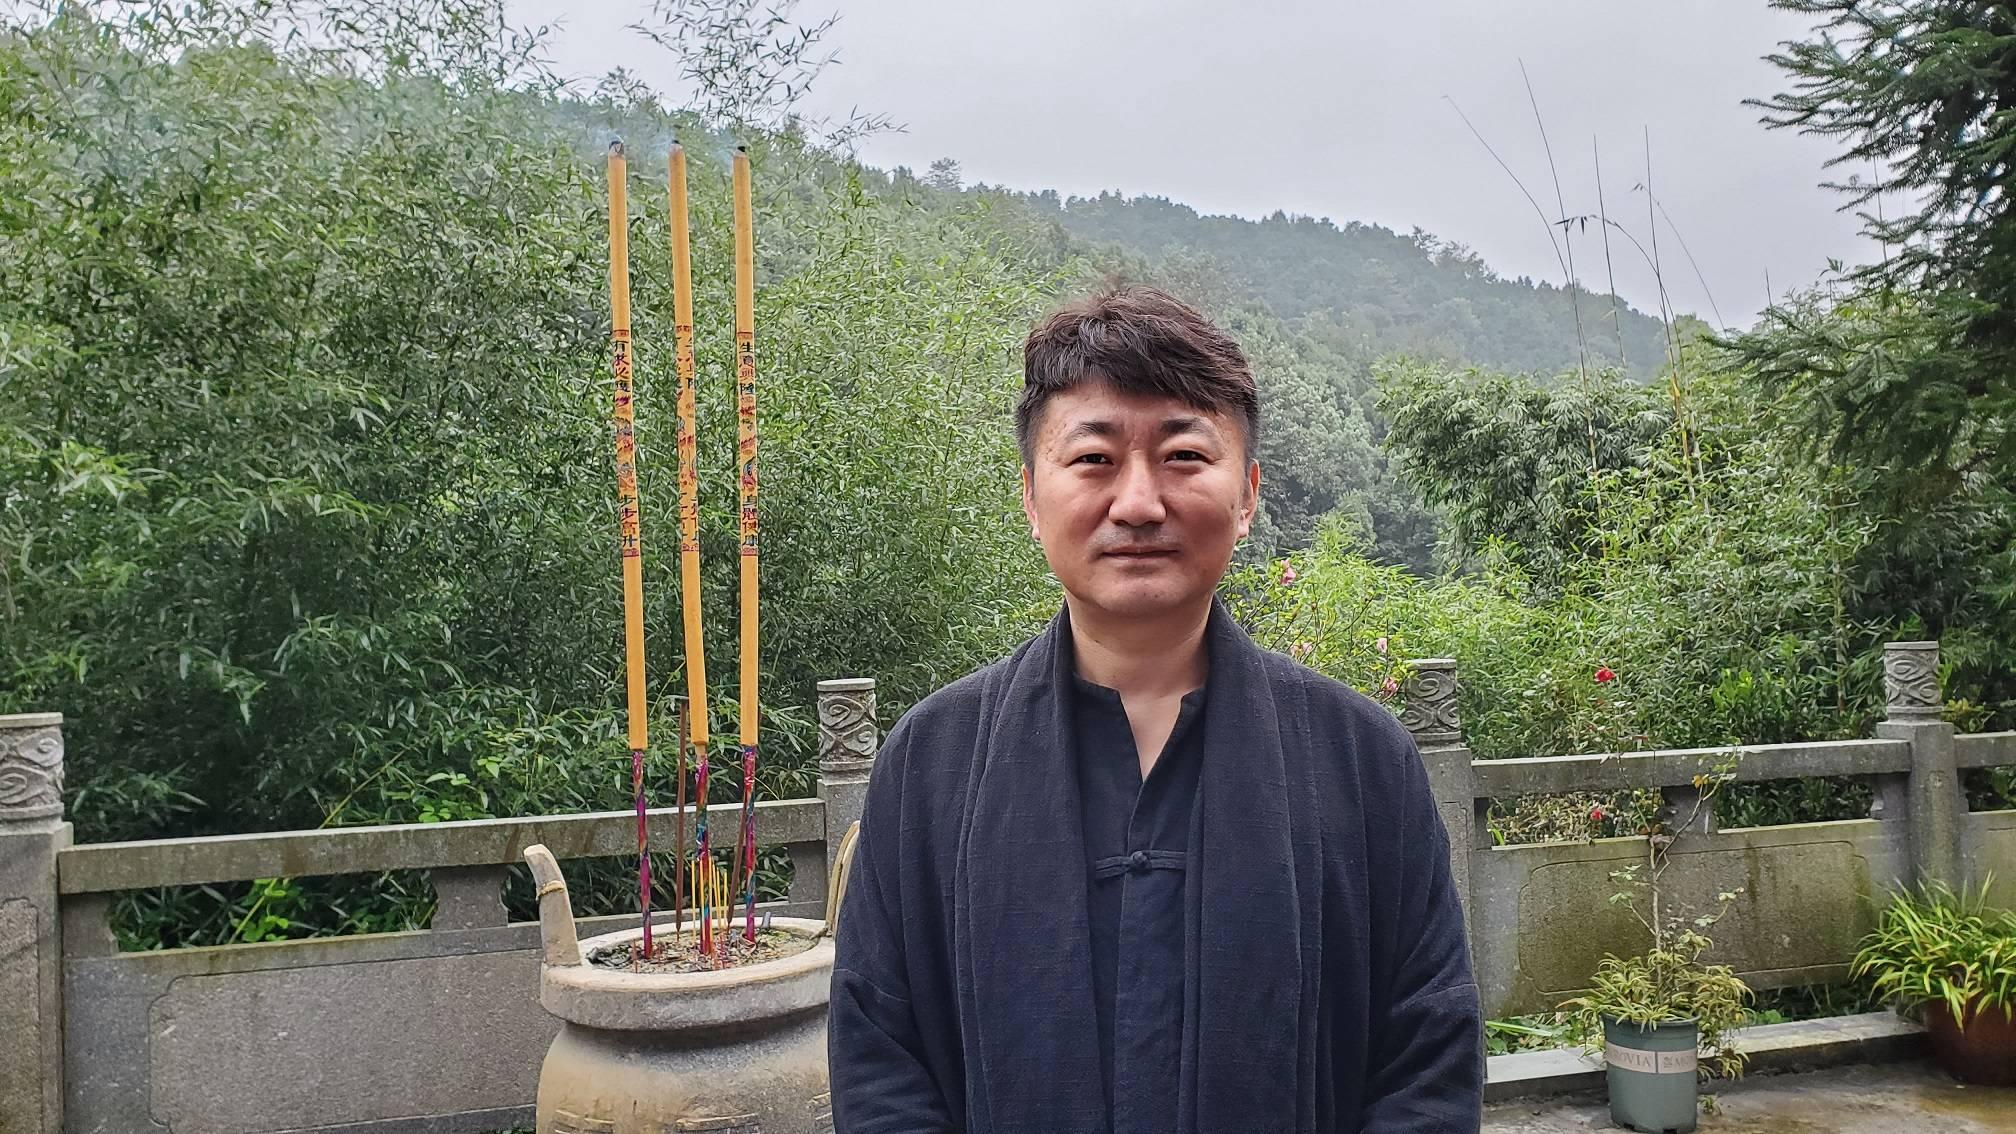 山东青岛地区建筑设计风水大师排名前十的风水师榜单